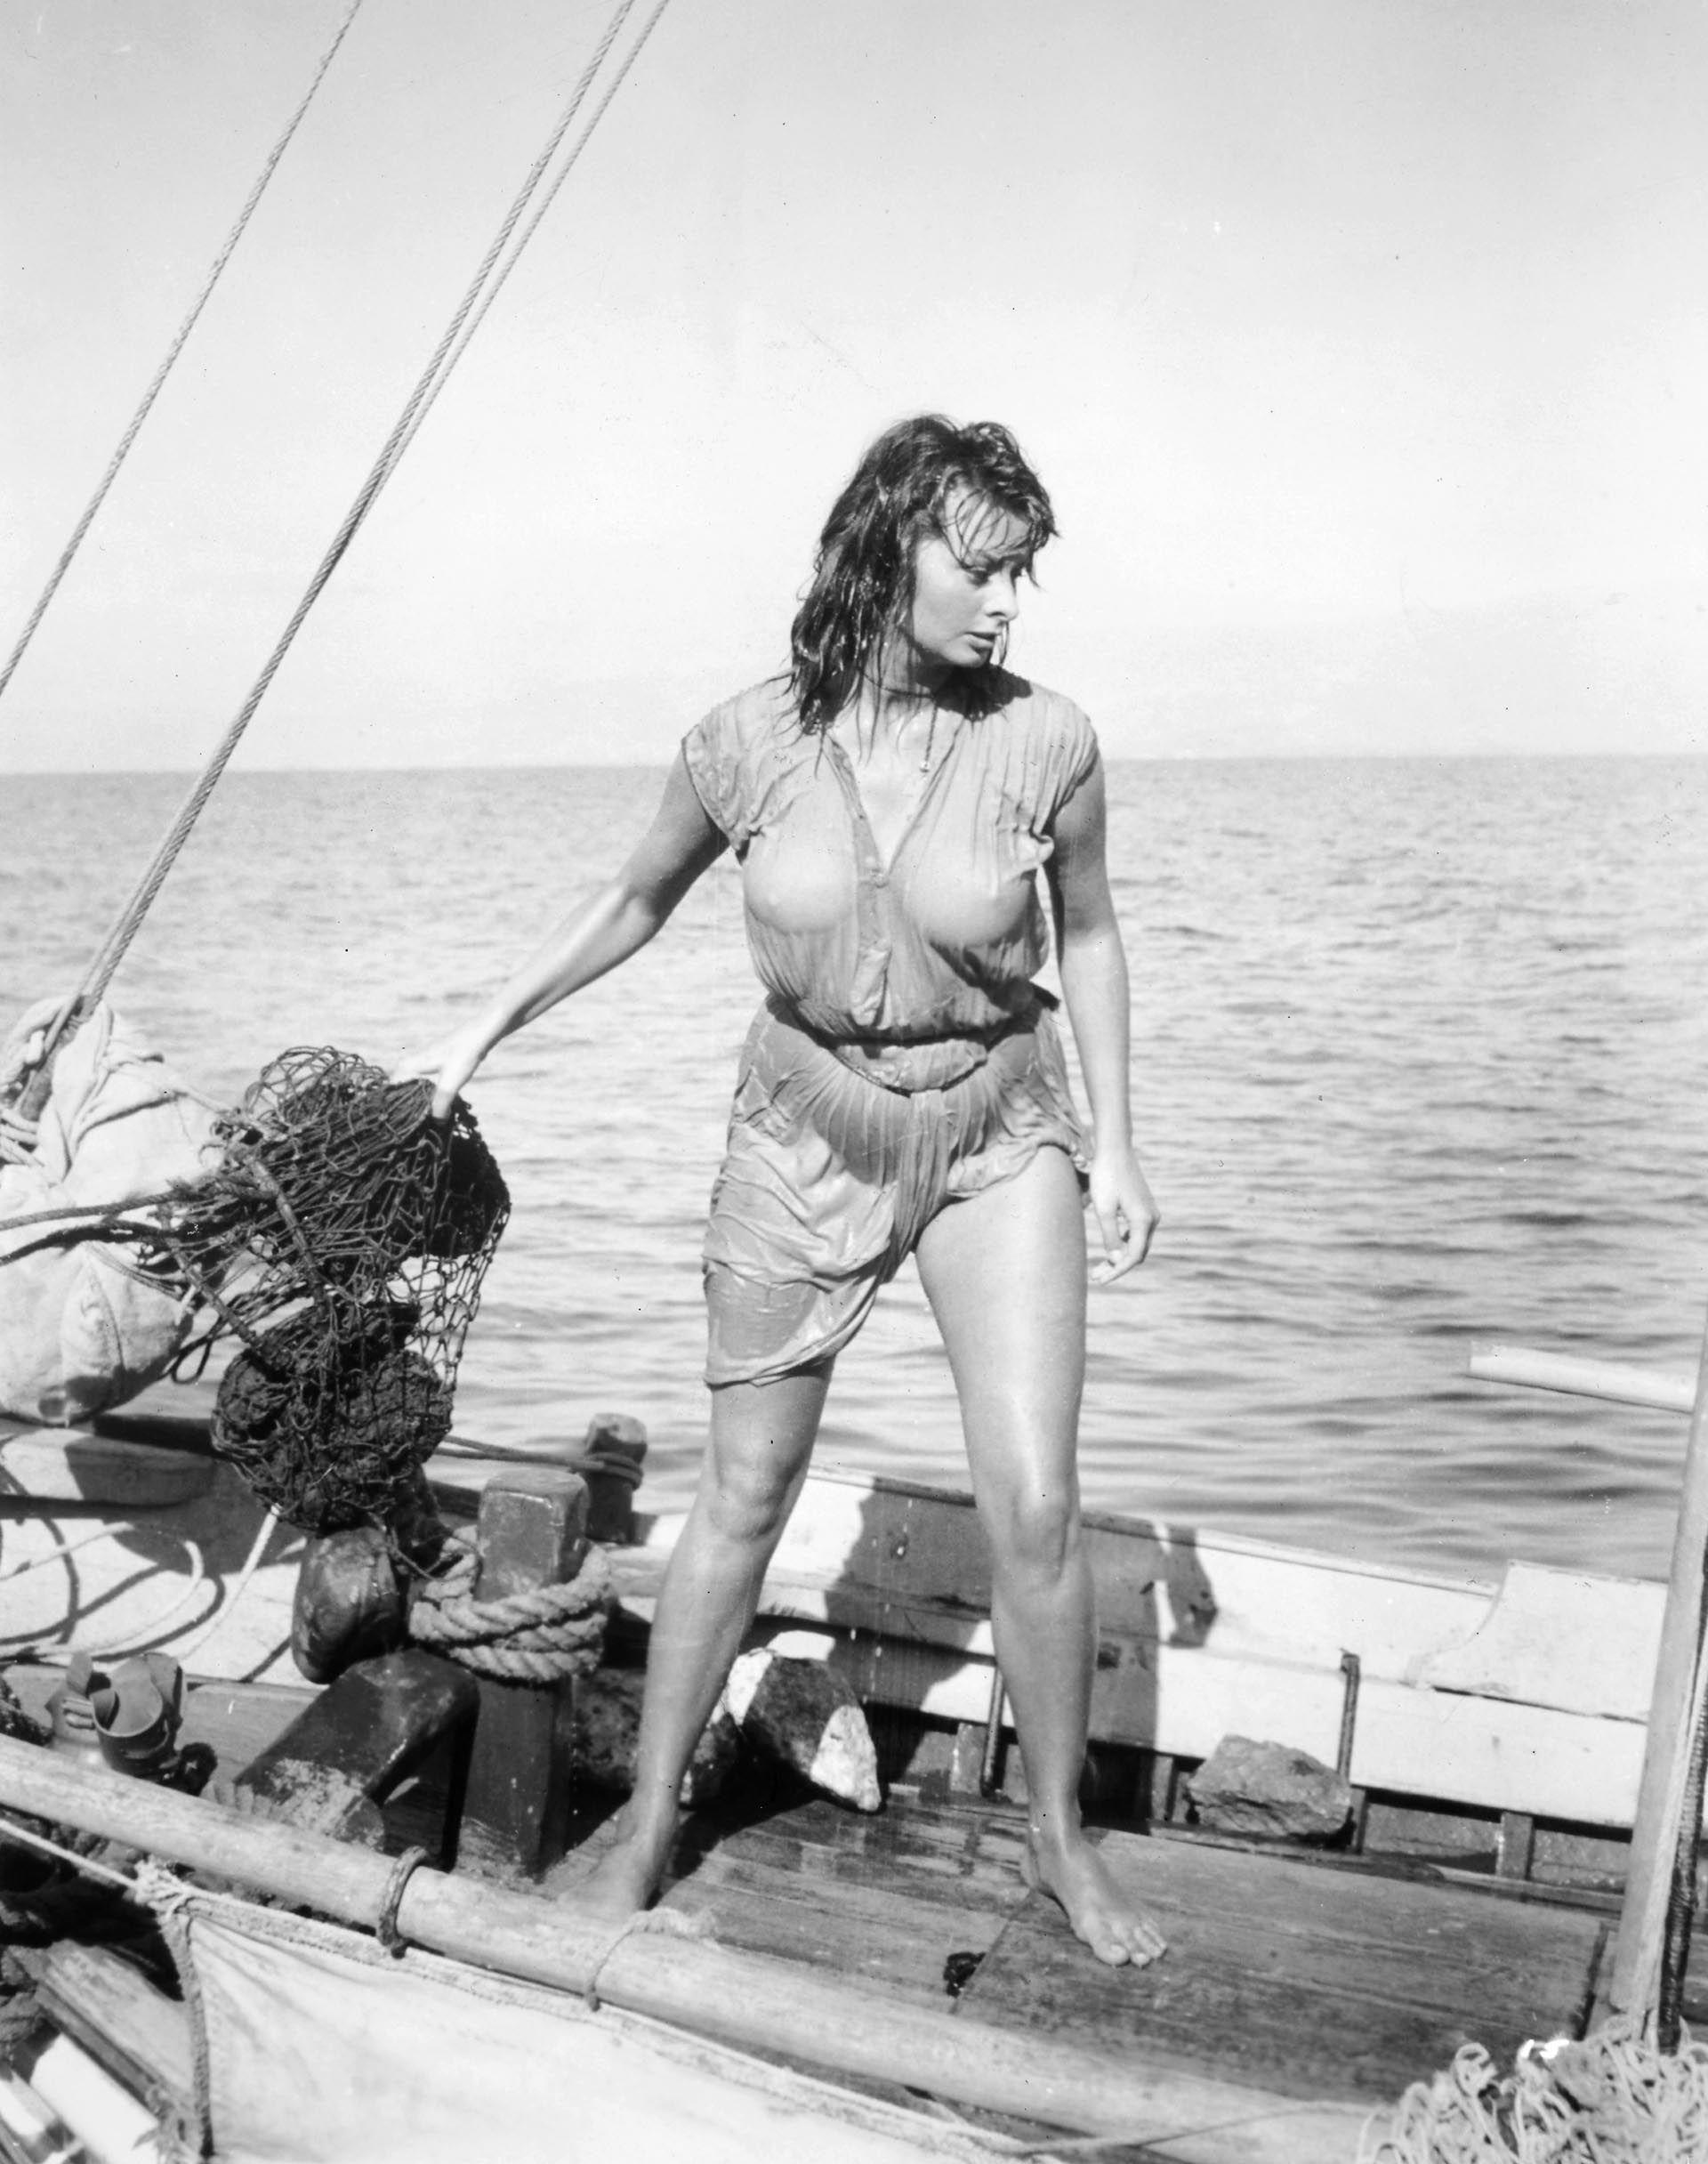 """Sophia Loren en el film """"La sirena y el delfín"""", en 1957 (Crédito: Shutterstock)"""